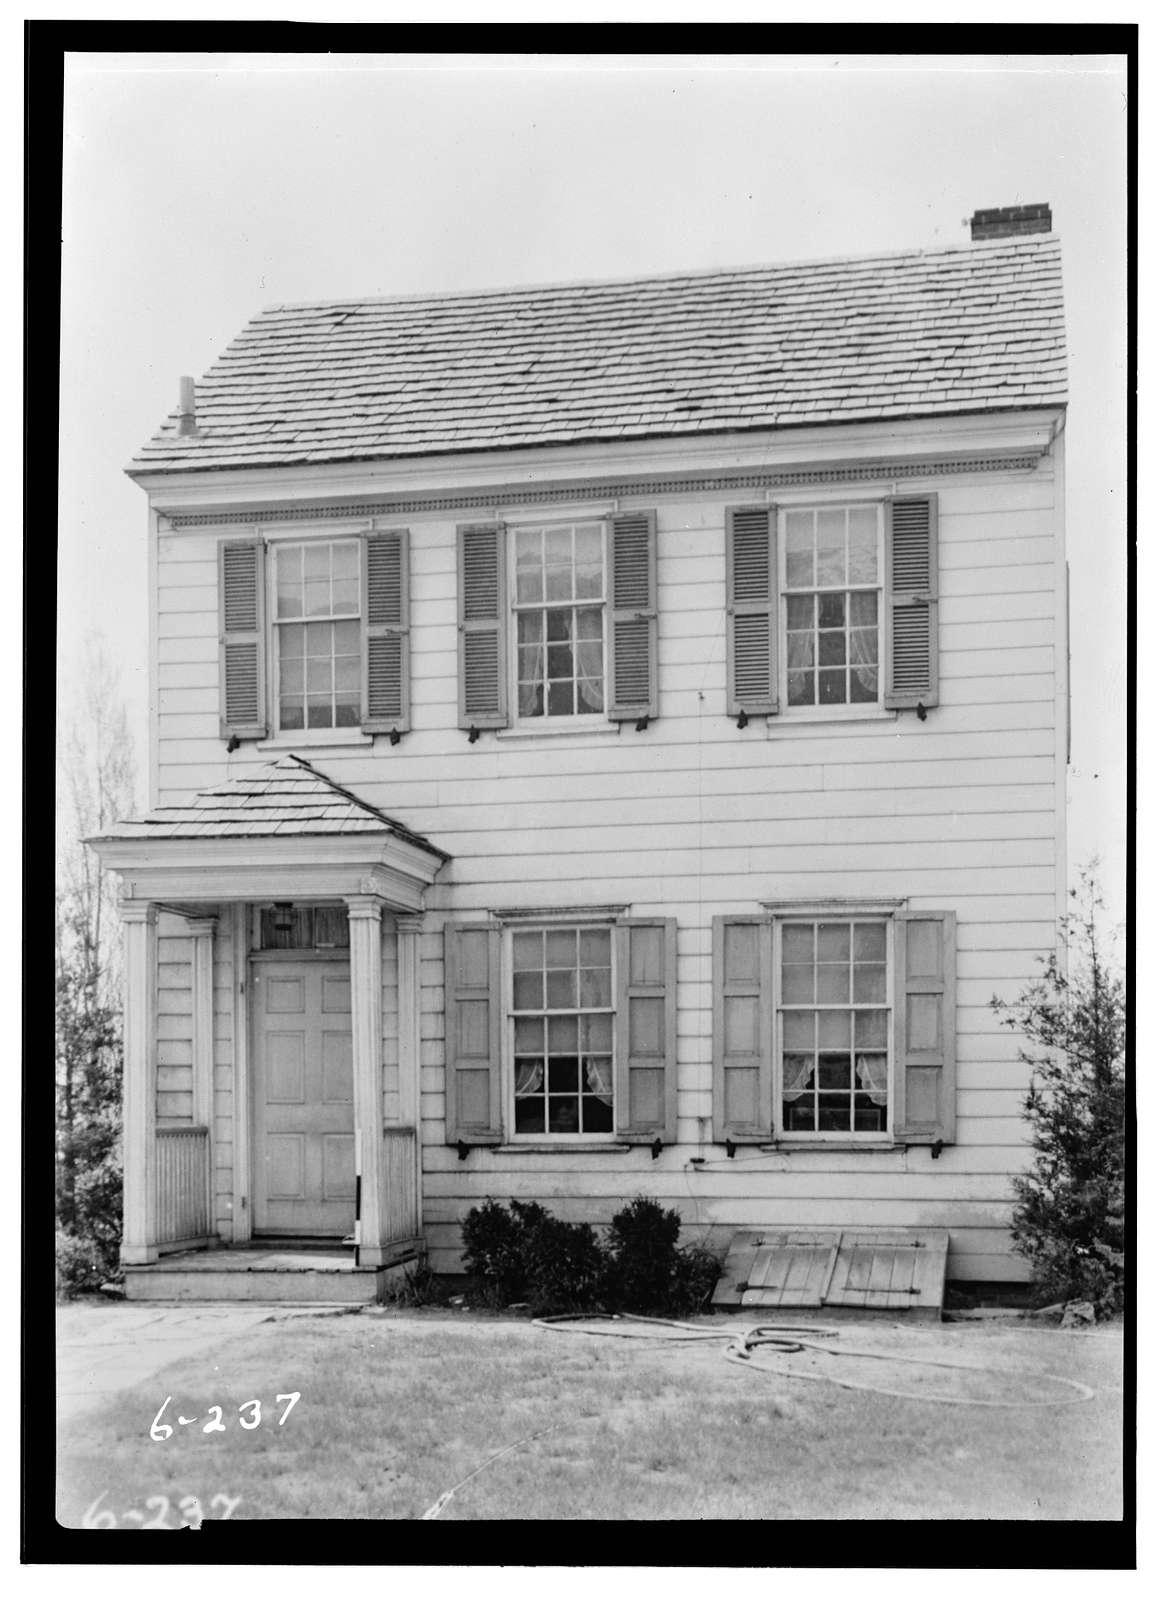 Bright-Douglass House, Mahlon Stacy Park, Trenton, Mercer County, NJ